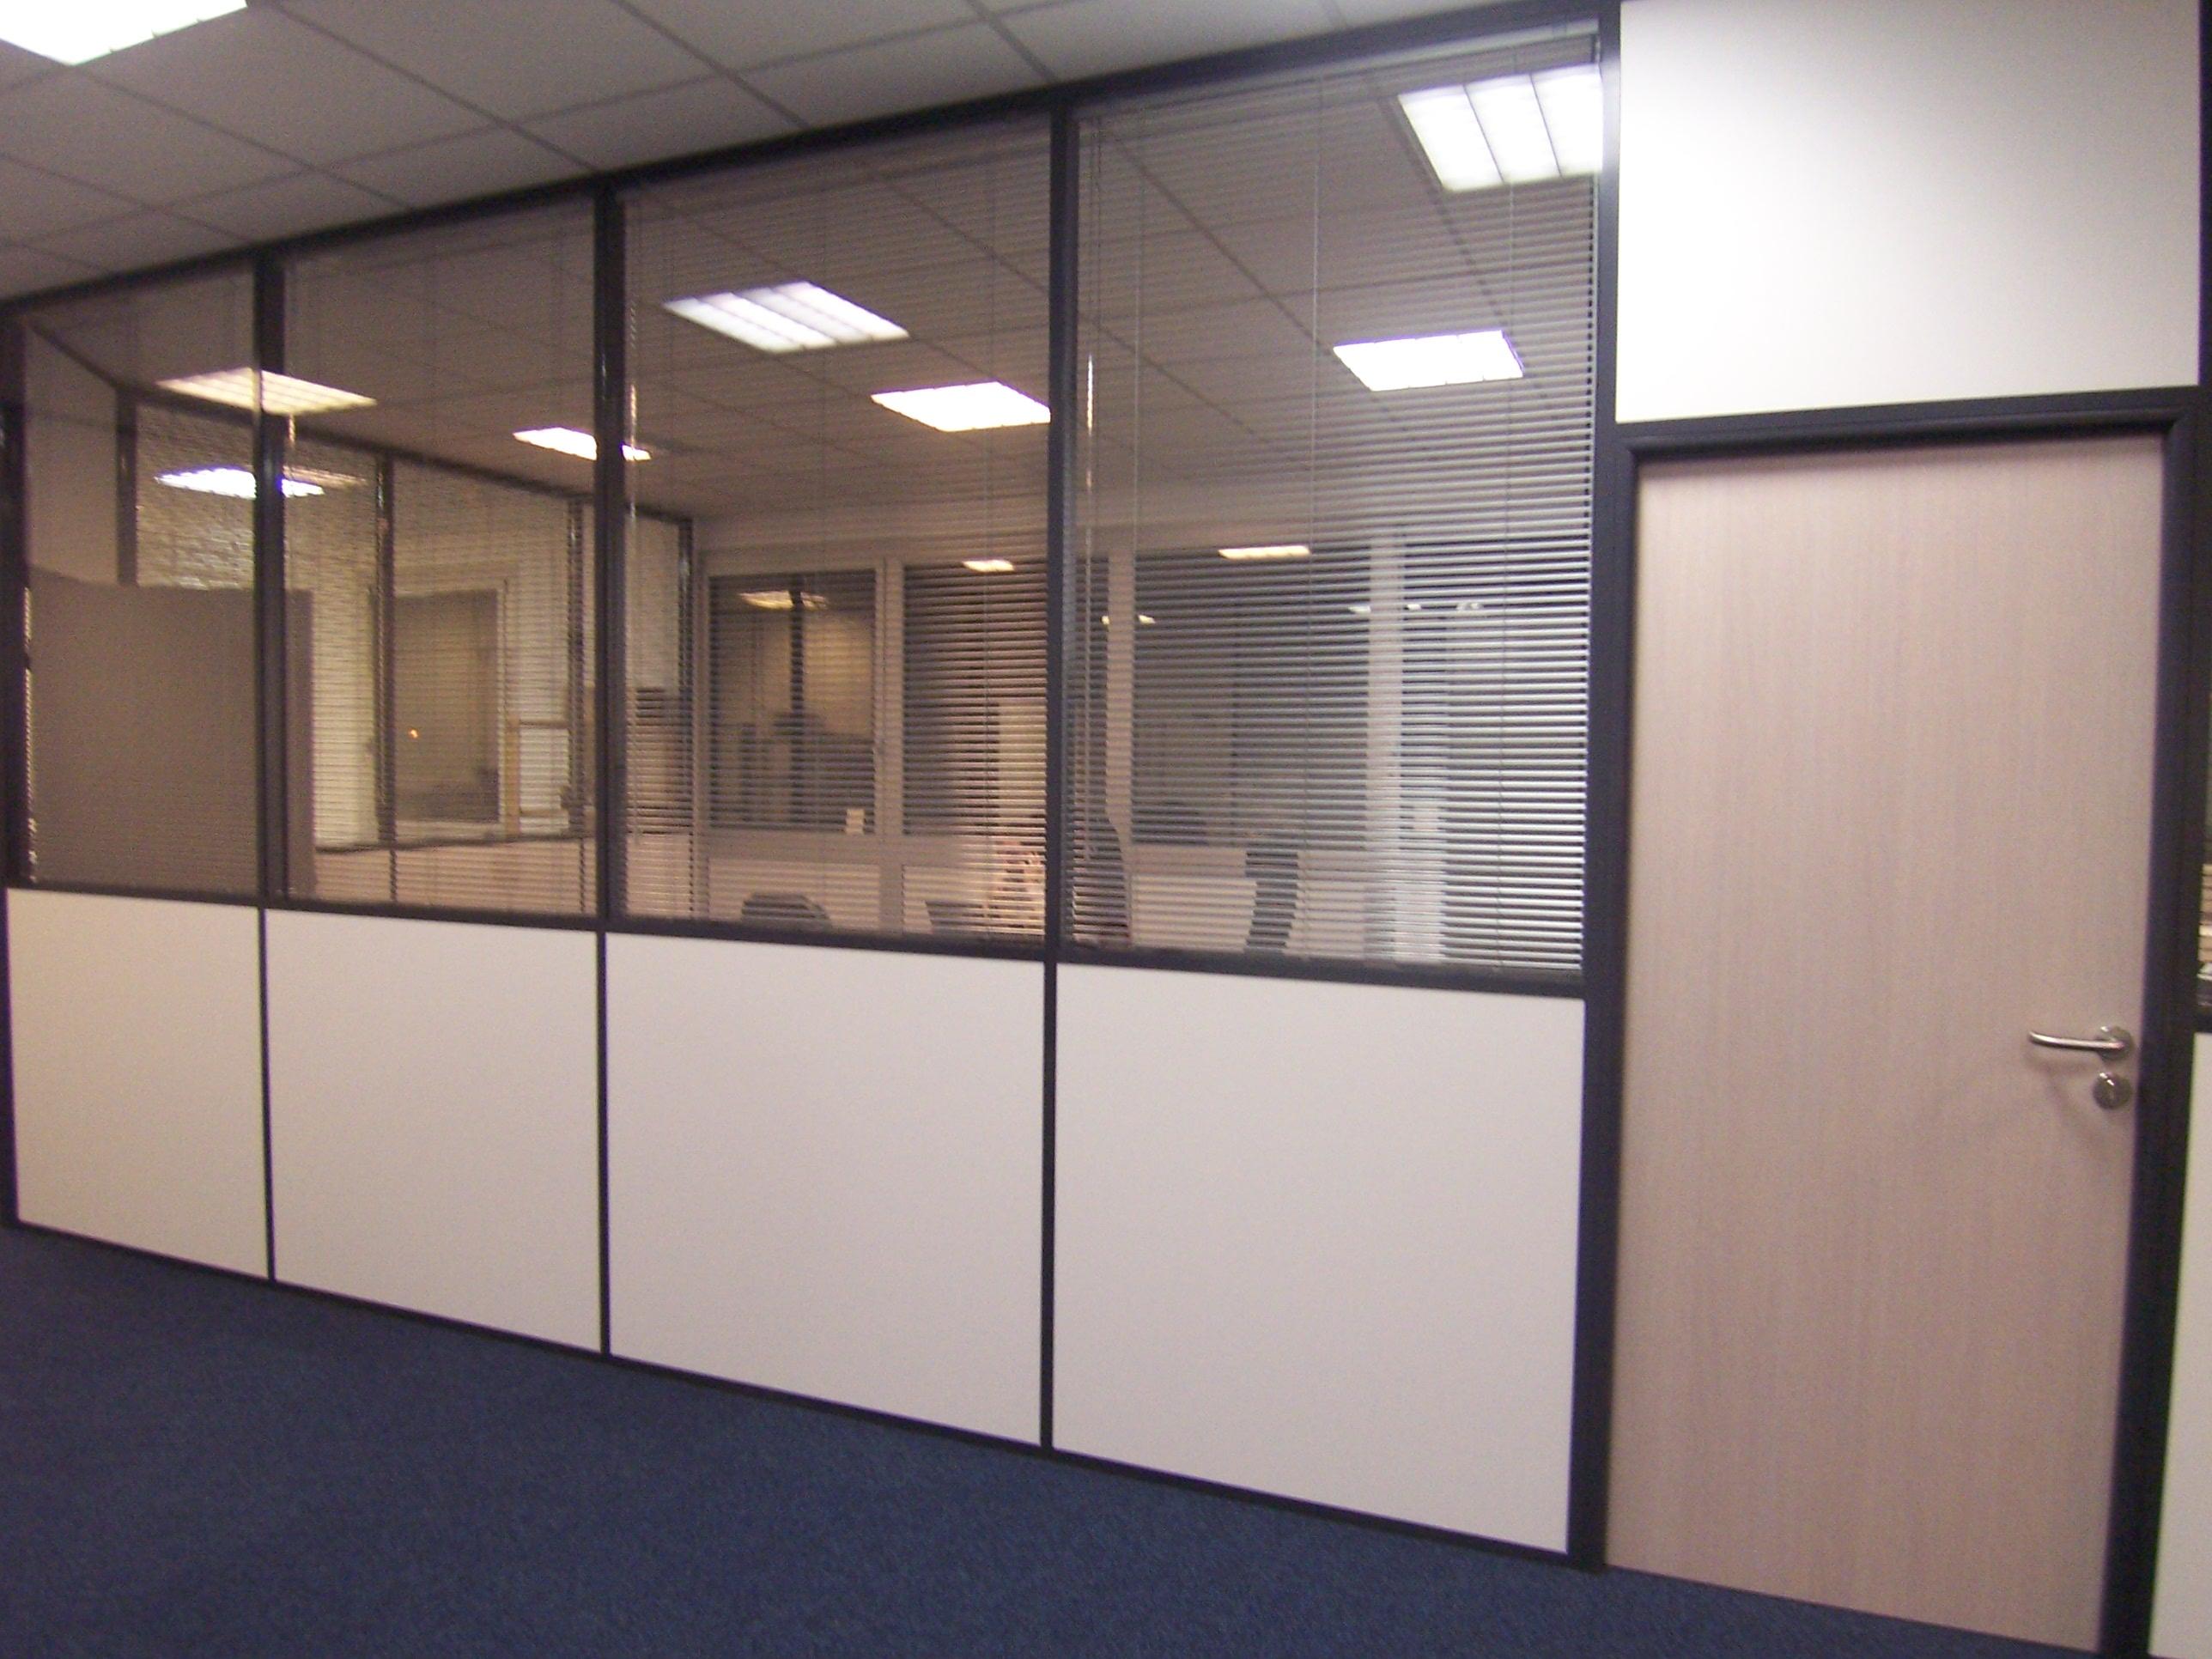 Espace cloisons semi vitr e 03 espace cloisons alu ile de france agencement et am agement - Cloison aluminium bureau ...